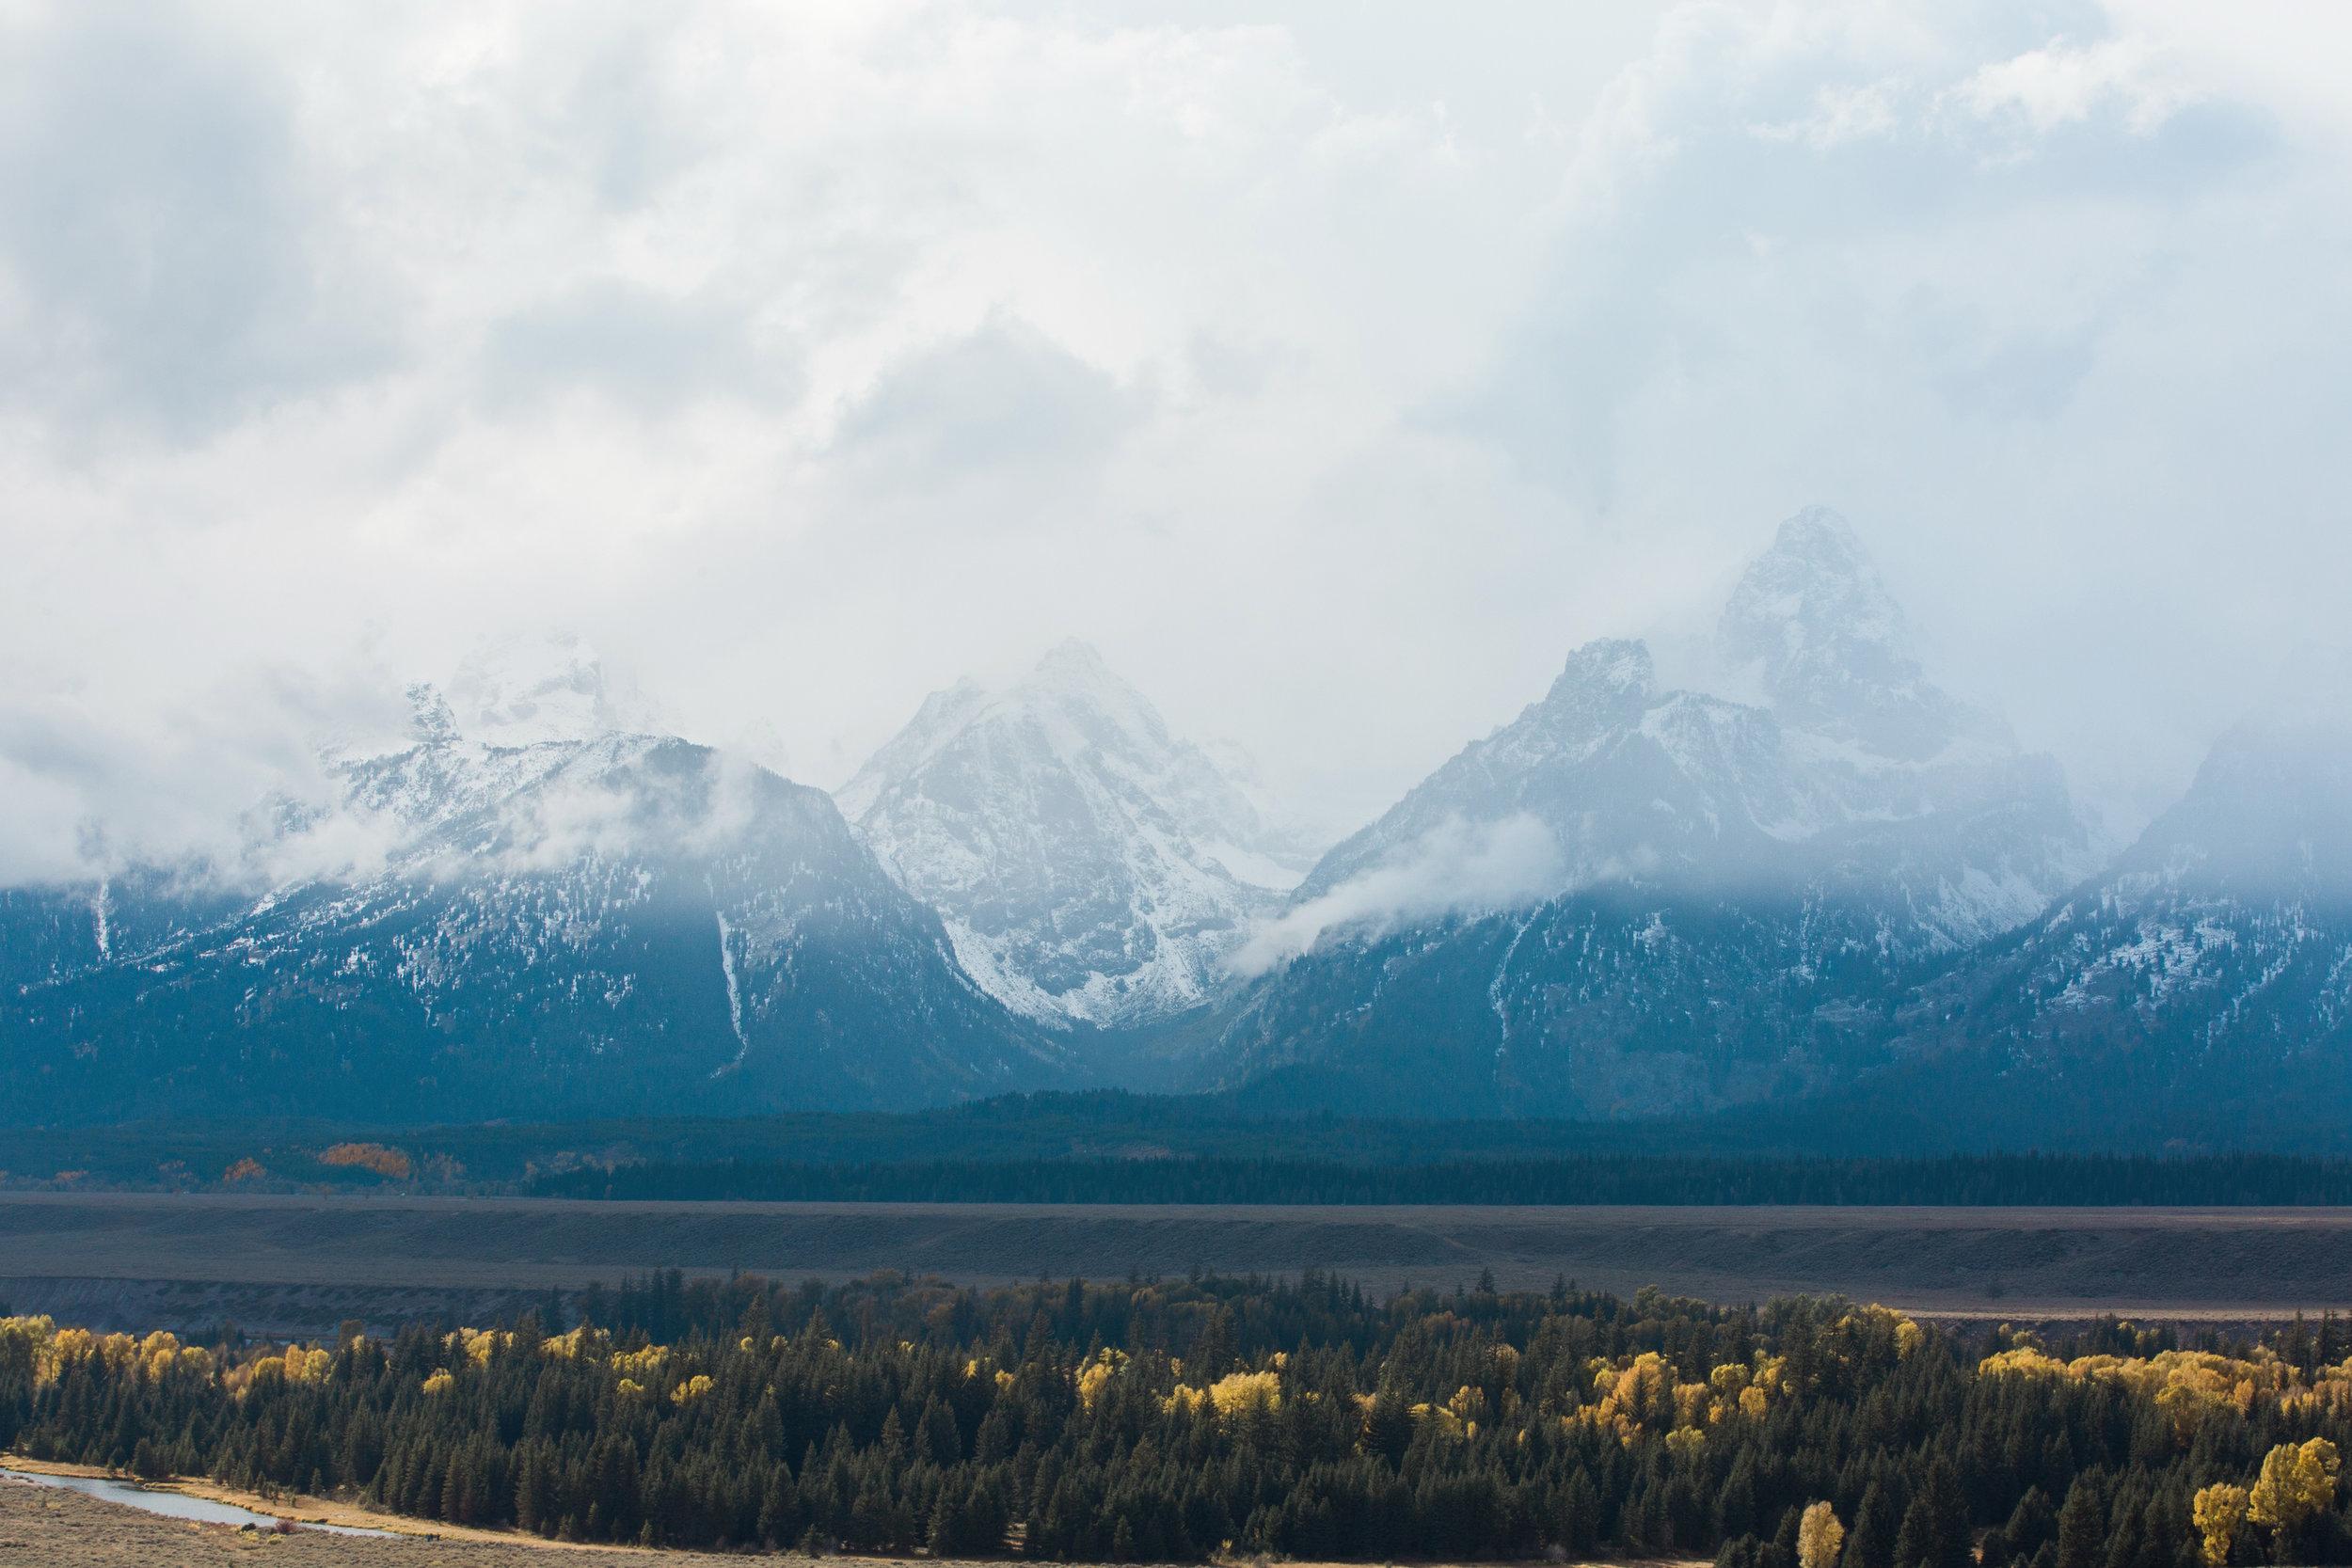 CindyGiovagnoli_Grand_Teton_National_Park_mountains_Bison_Autumn_Wyoming_Mormon_Row_aspens_fall_outdoor_photographer-029.jpg